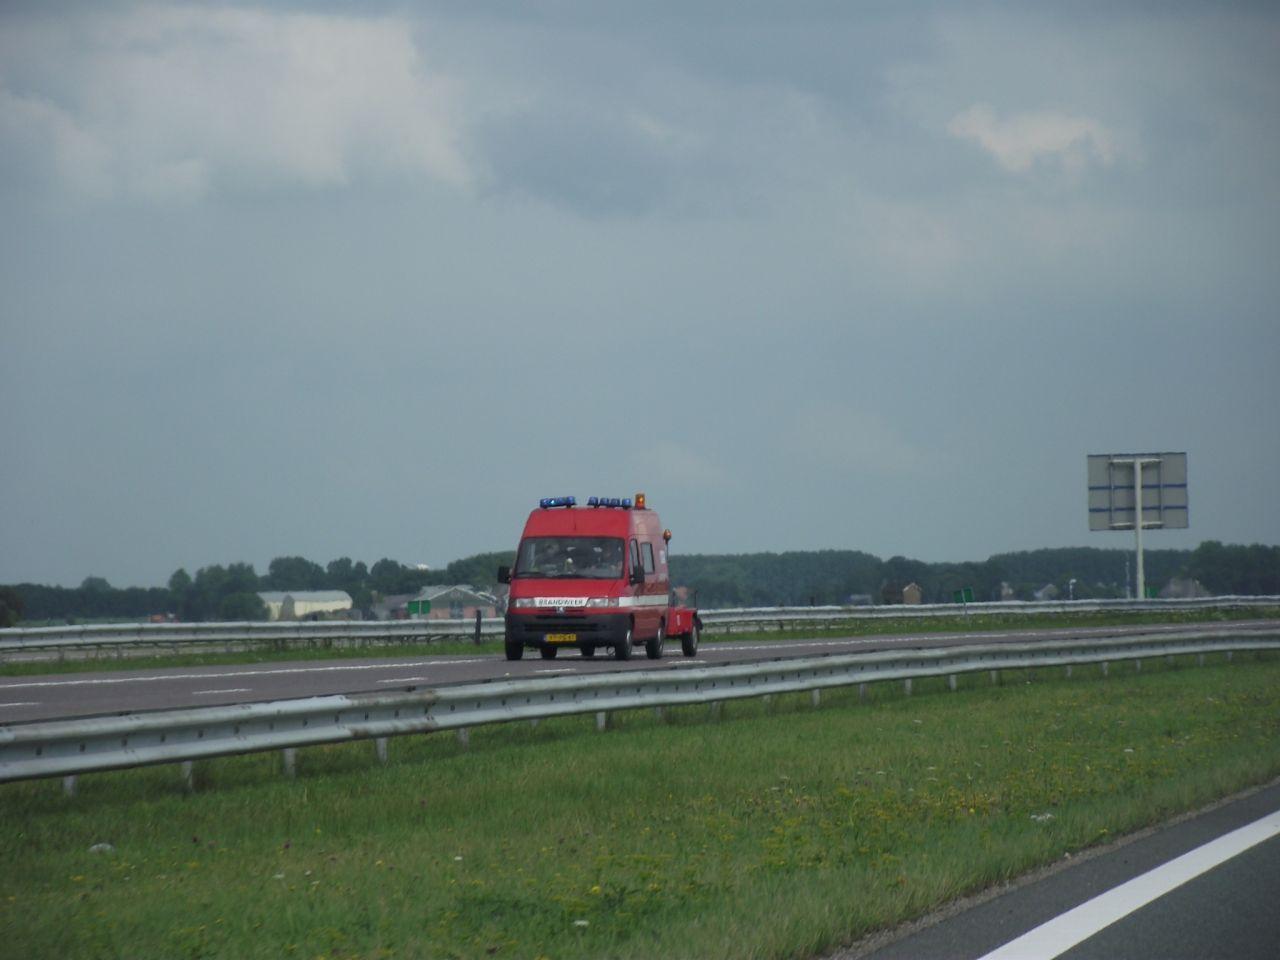 Felle autobrand op de Afsluitdijk